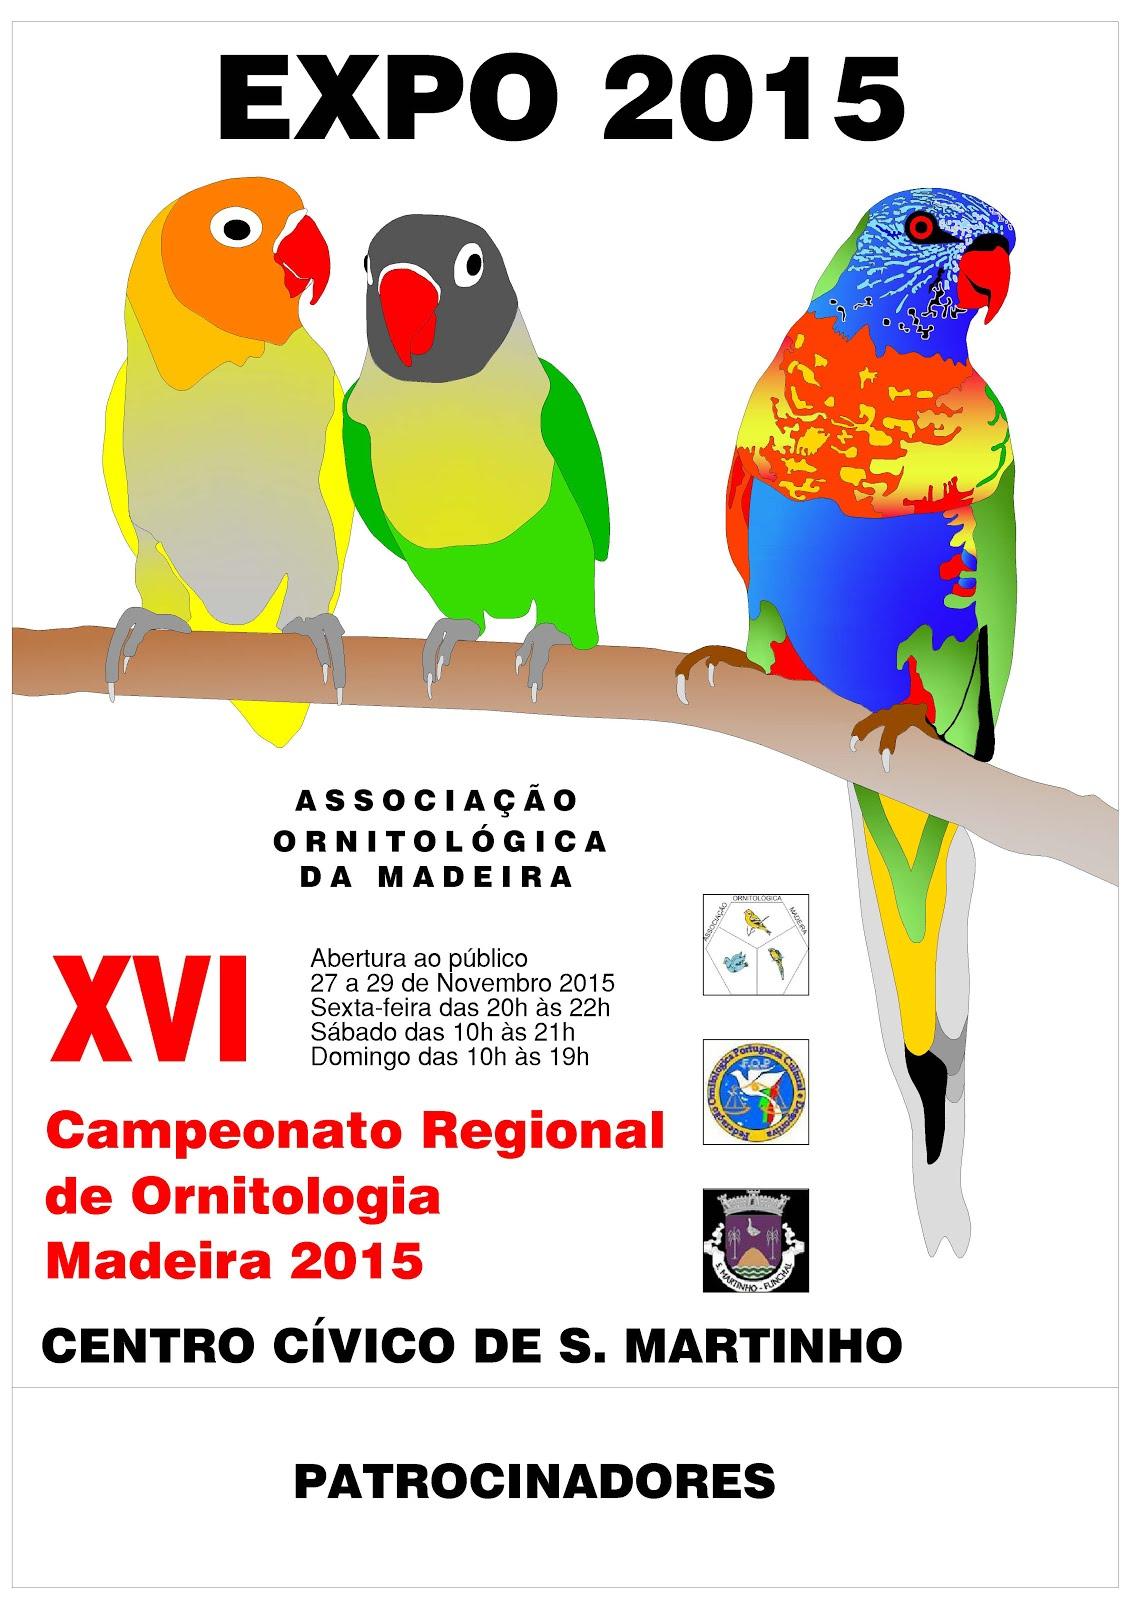 Campeonato Regional de Ornitologia Madeira 2015